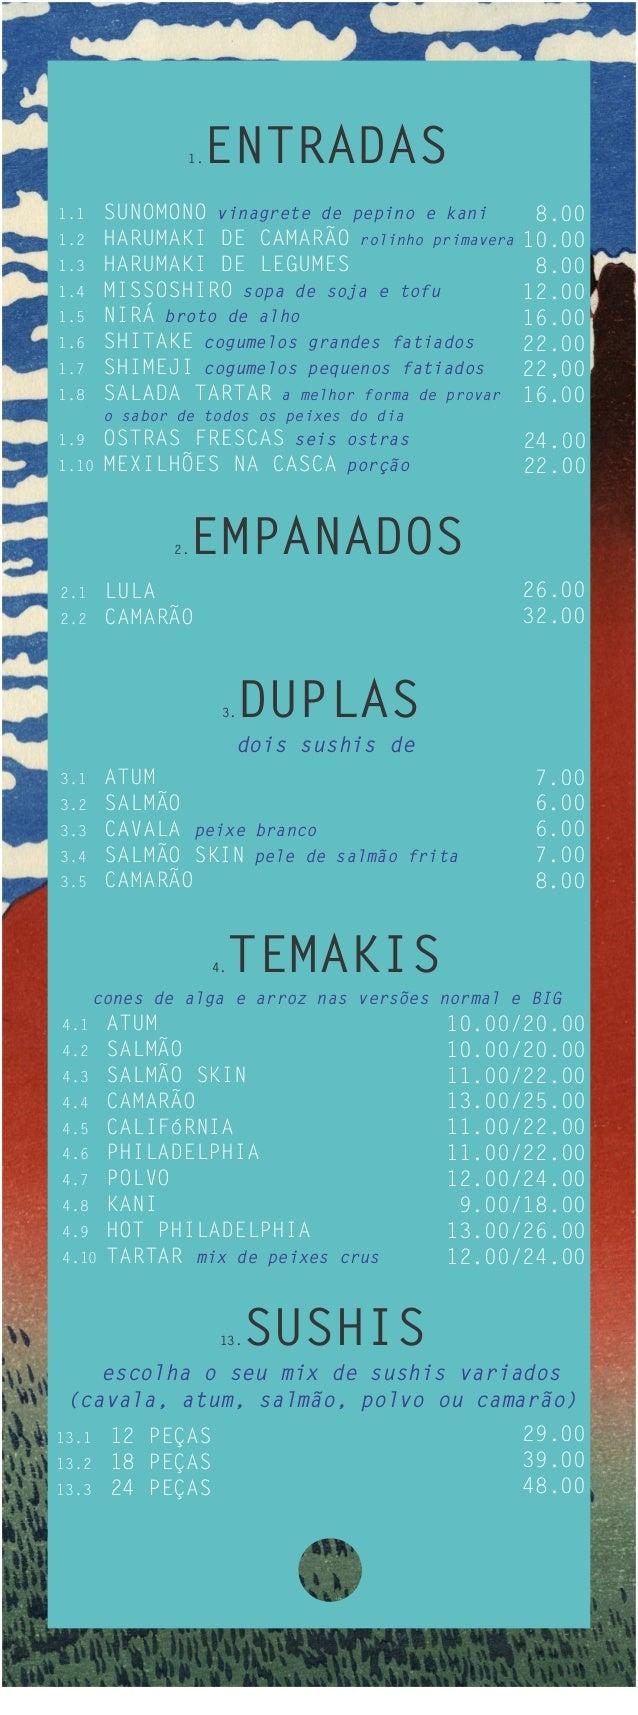 KATSUSHIKA                     1.   ENTRADAS    1.1     SUNOMONO vinagrete de pepino e kani       8.00    1.2     HARUMAKI...